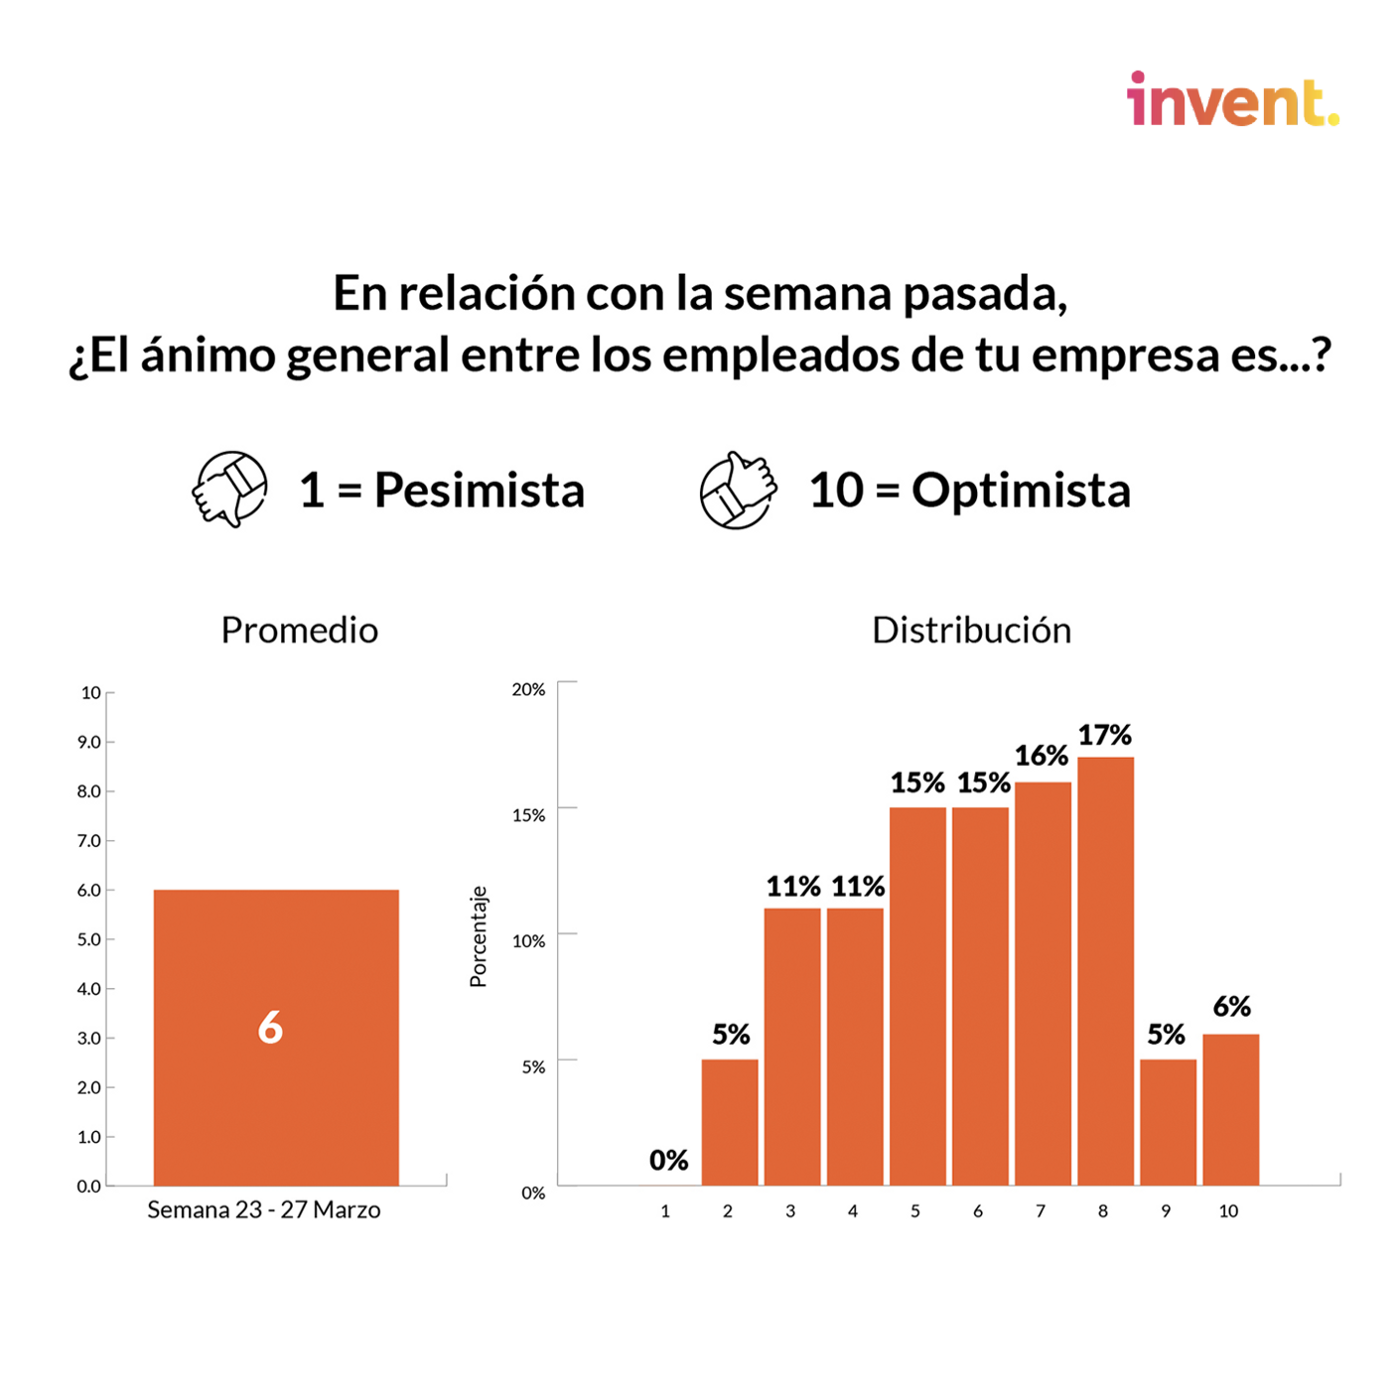 Entre las startups encuestadas en una escala de 1 a 10 podemos identificar una leve tendencia de optimismo por parte de los empleados, sin embargo el promedio se ubica en terreno neutral a la espera seguramente de más certidumbre.